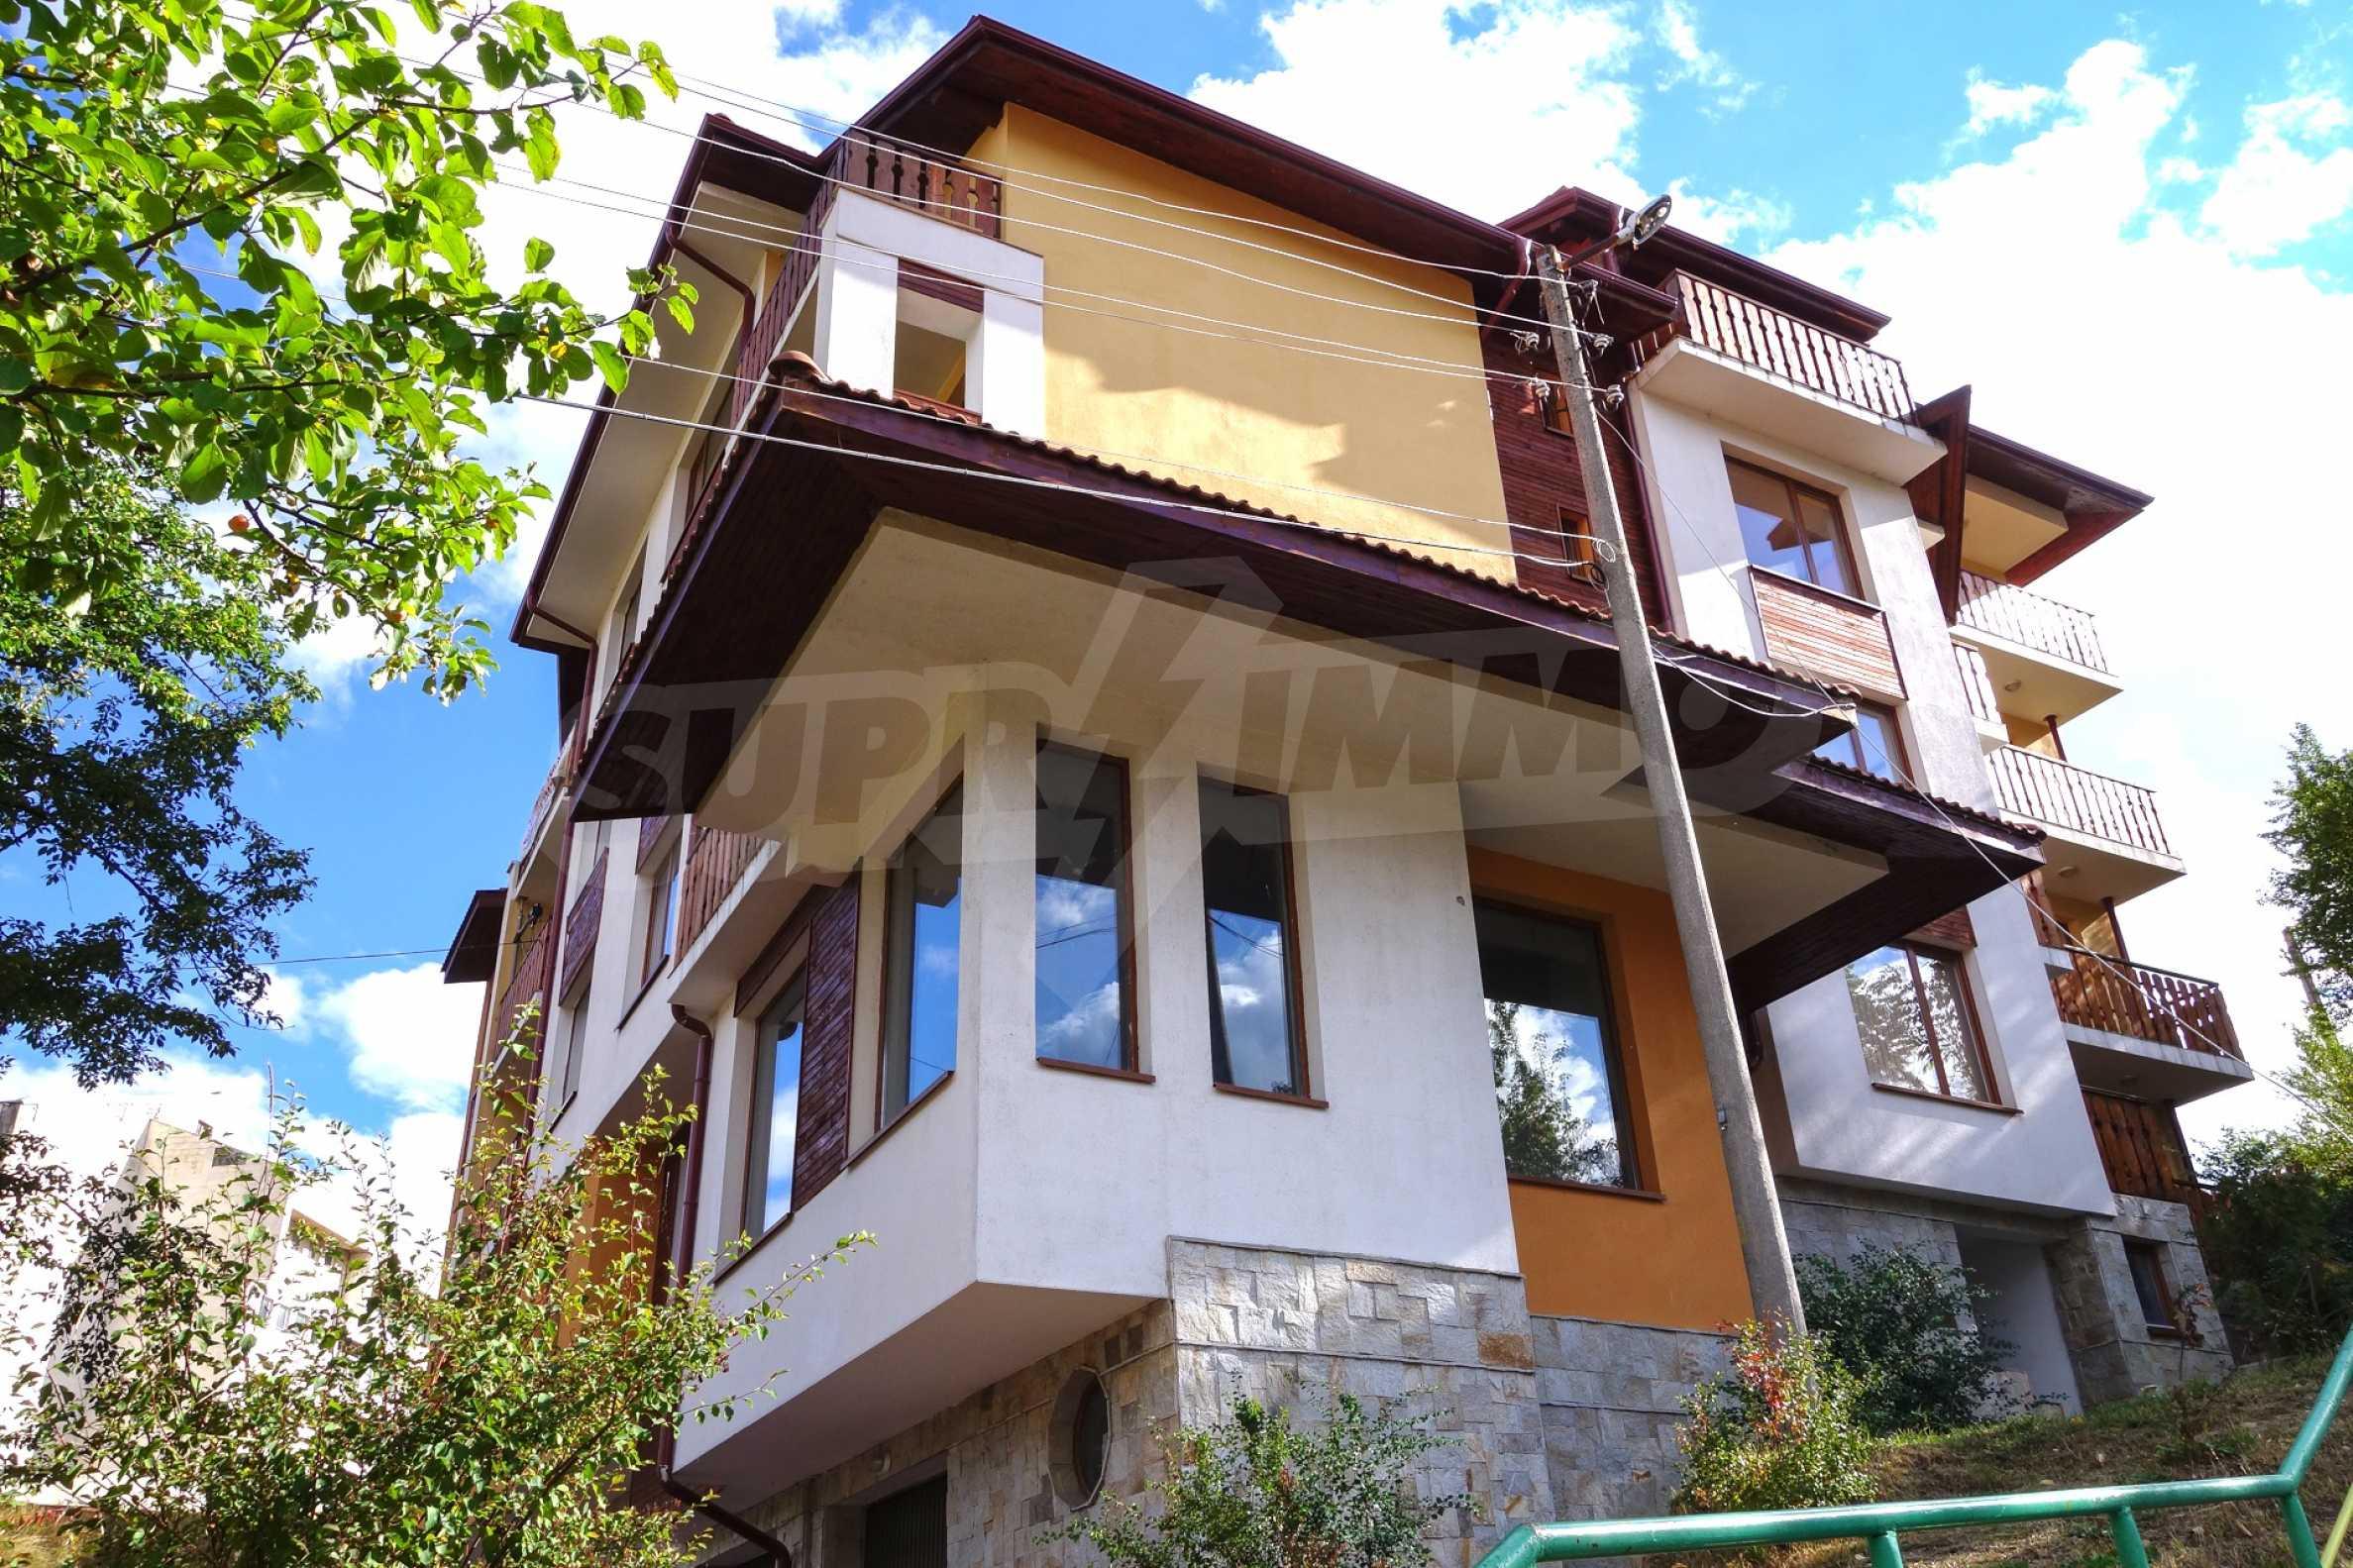 Ваканционни апартаменти без такса поддръжка, на 5 мин от ски писта в Чепеларе 3